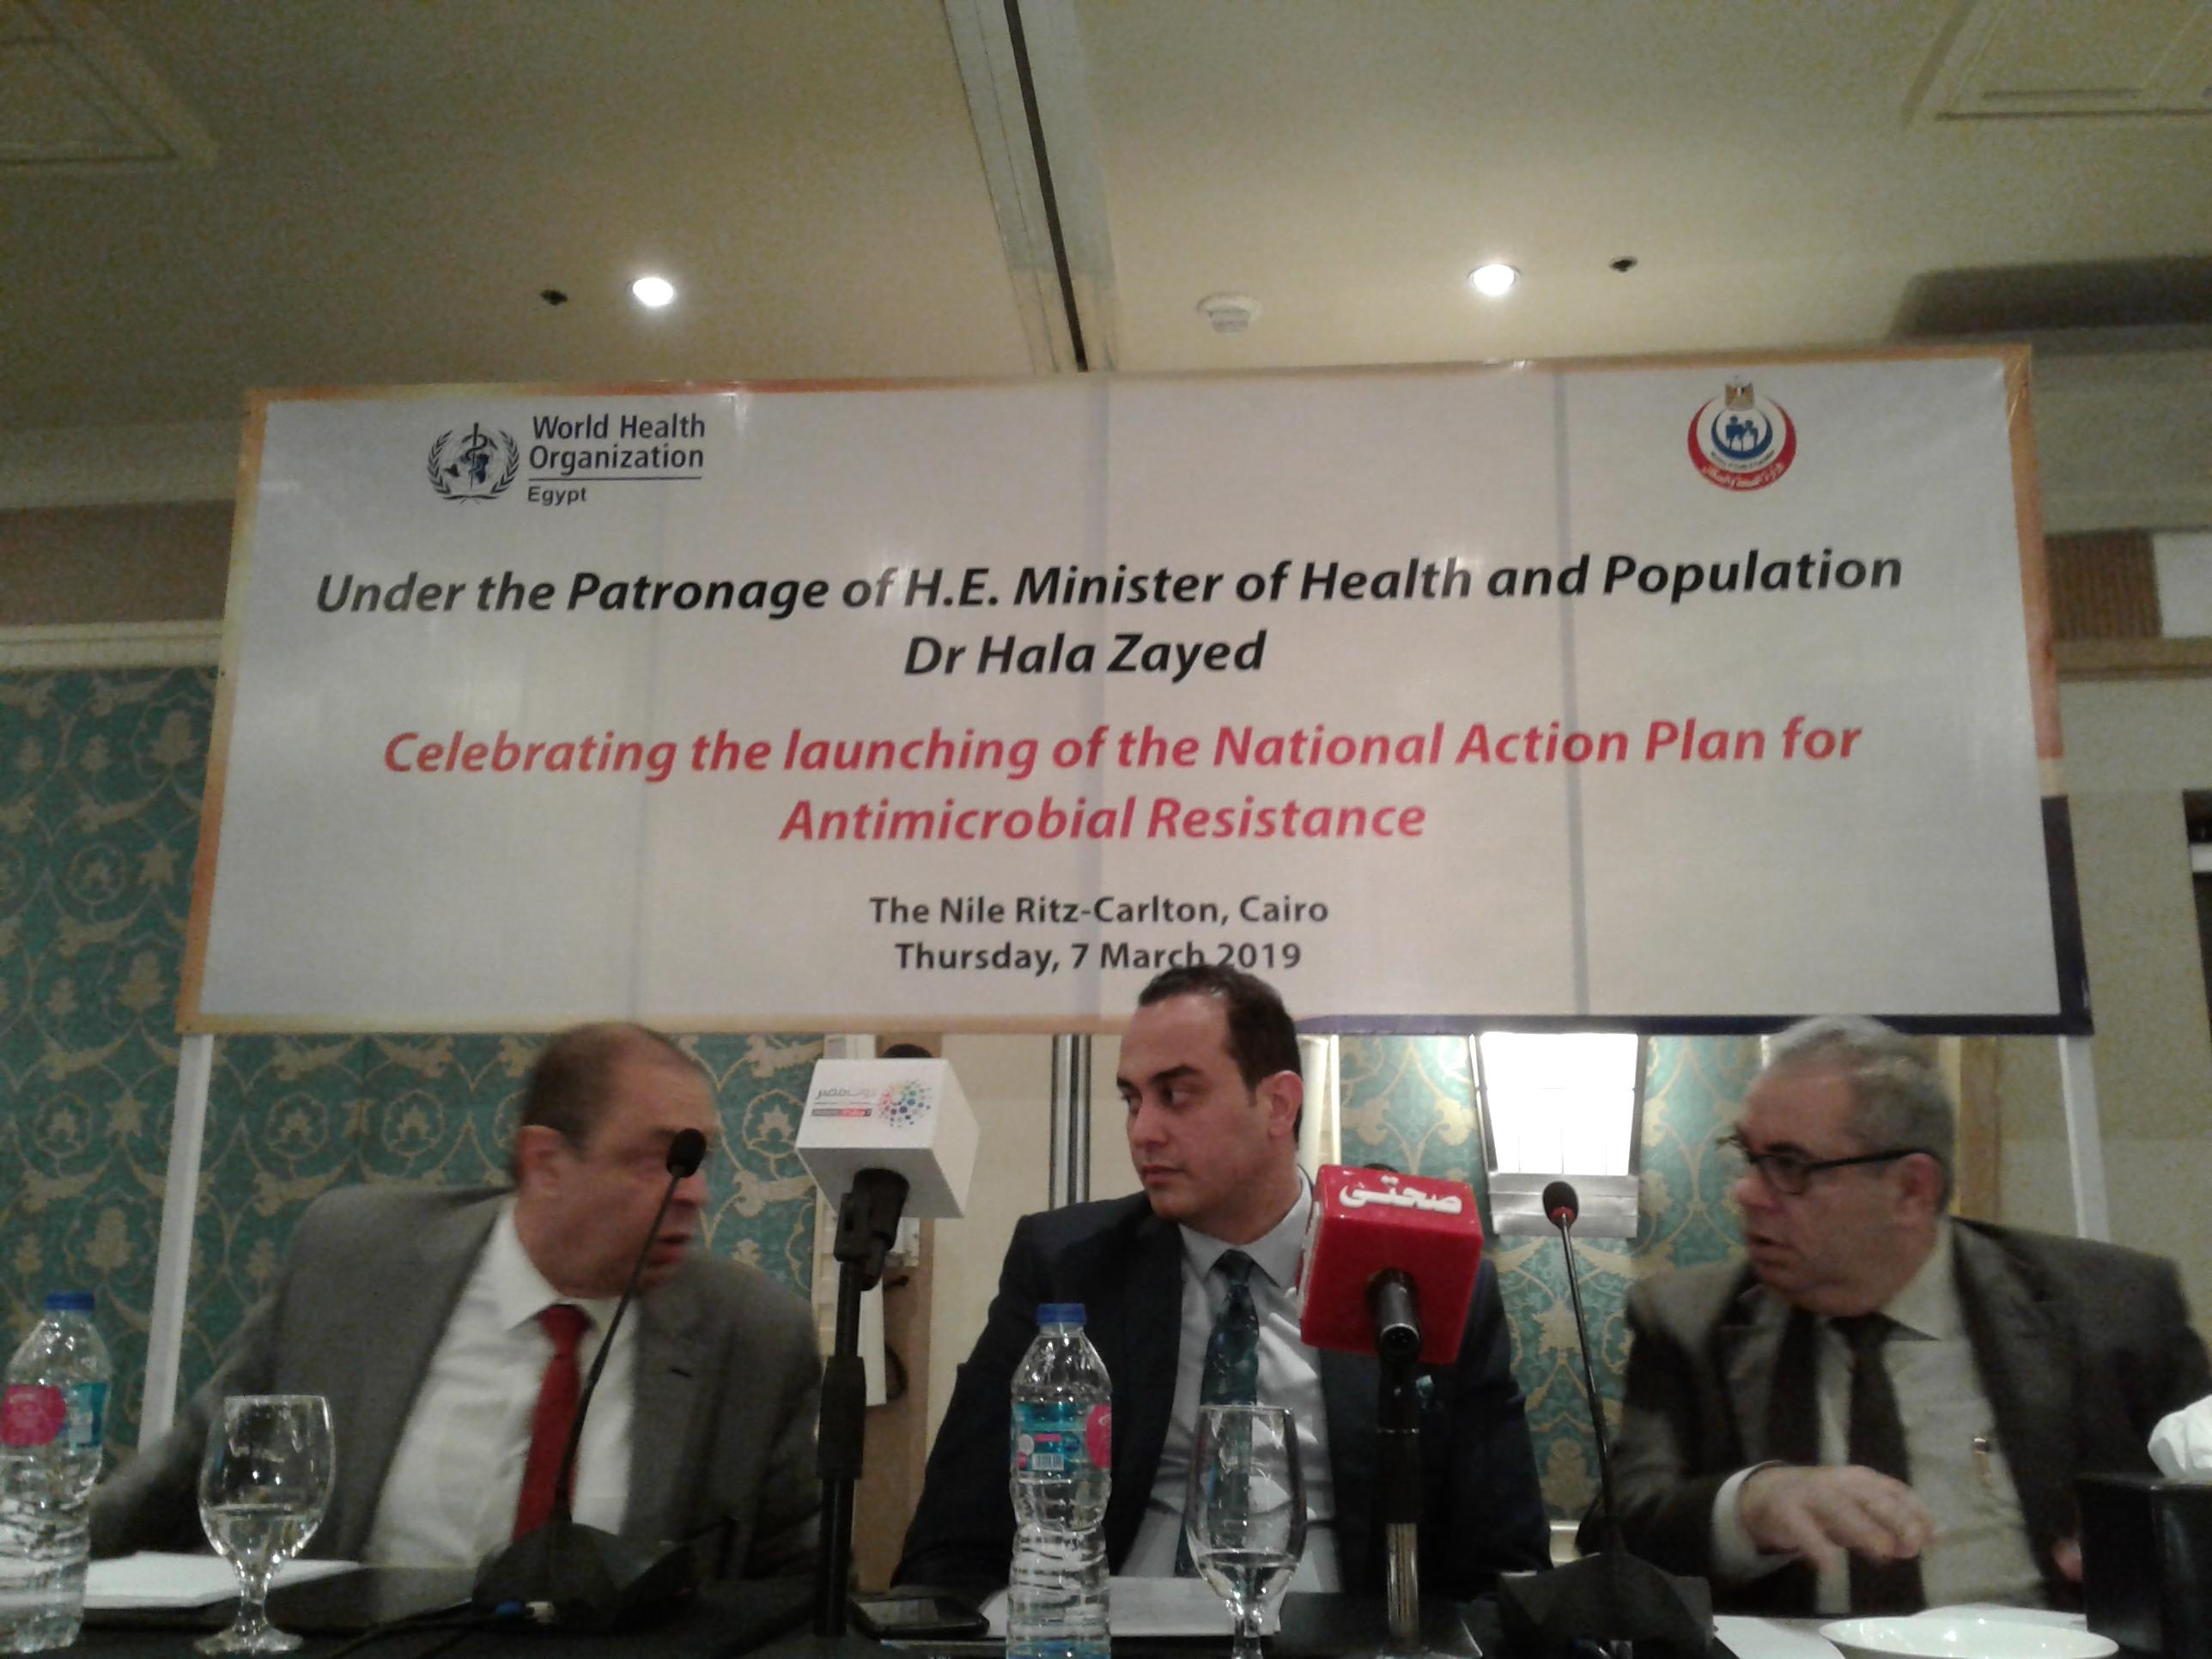 جانب من احتفالية إطلاق الخطة القومية لمكافحة الميكروبات المقاومة للمضادات الحيوية (2)